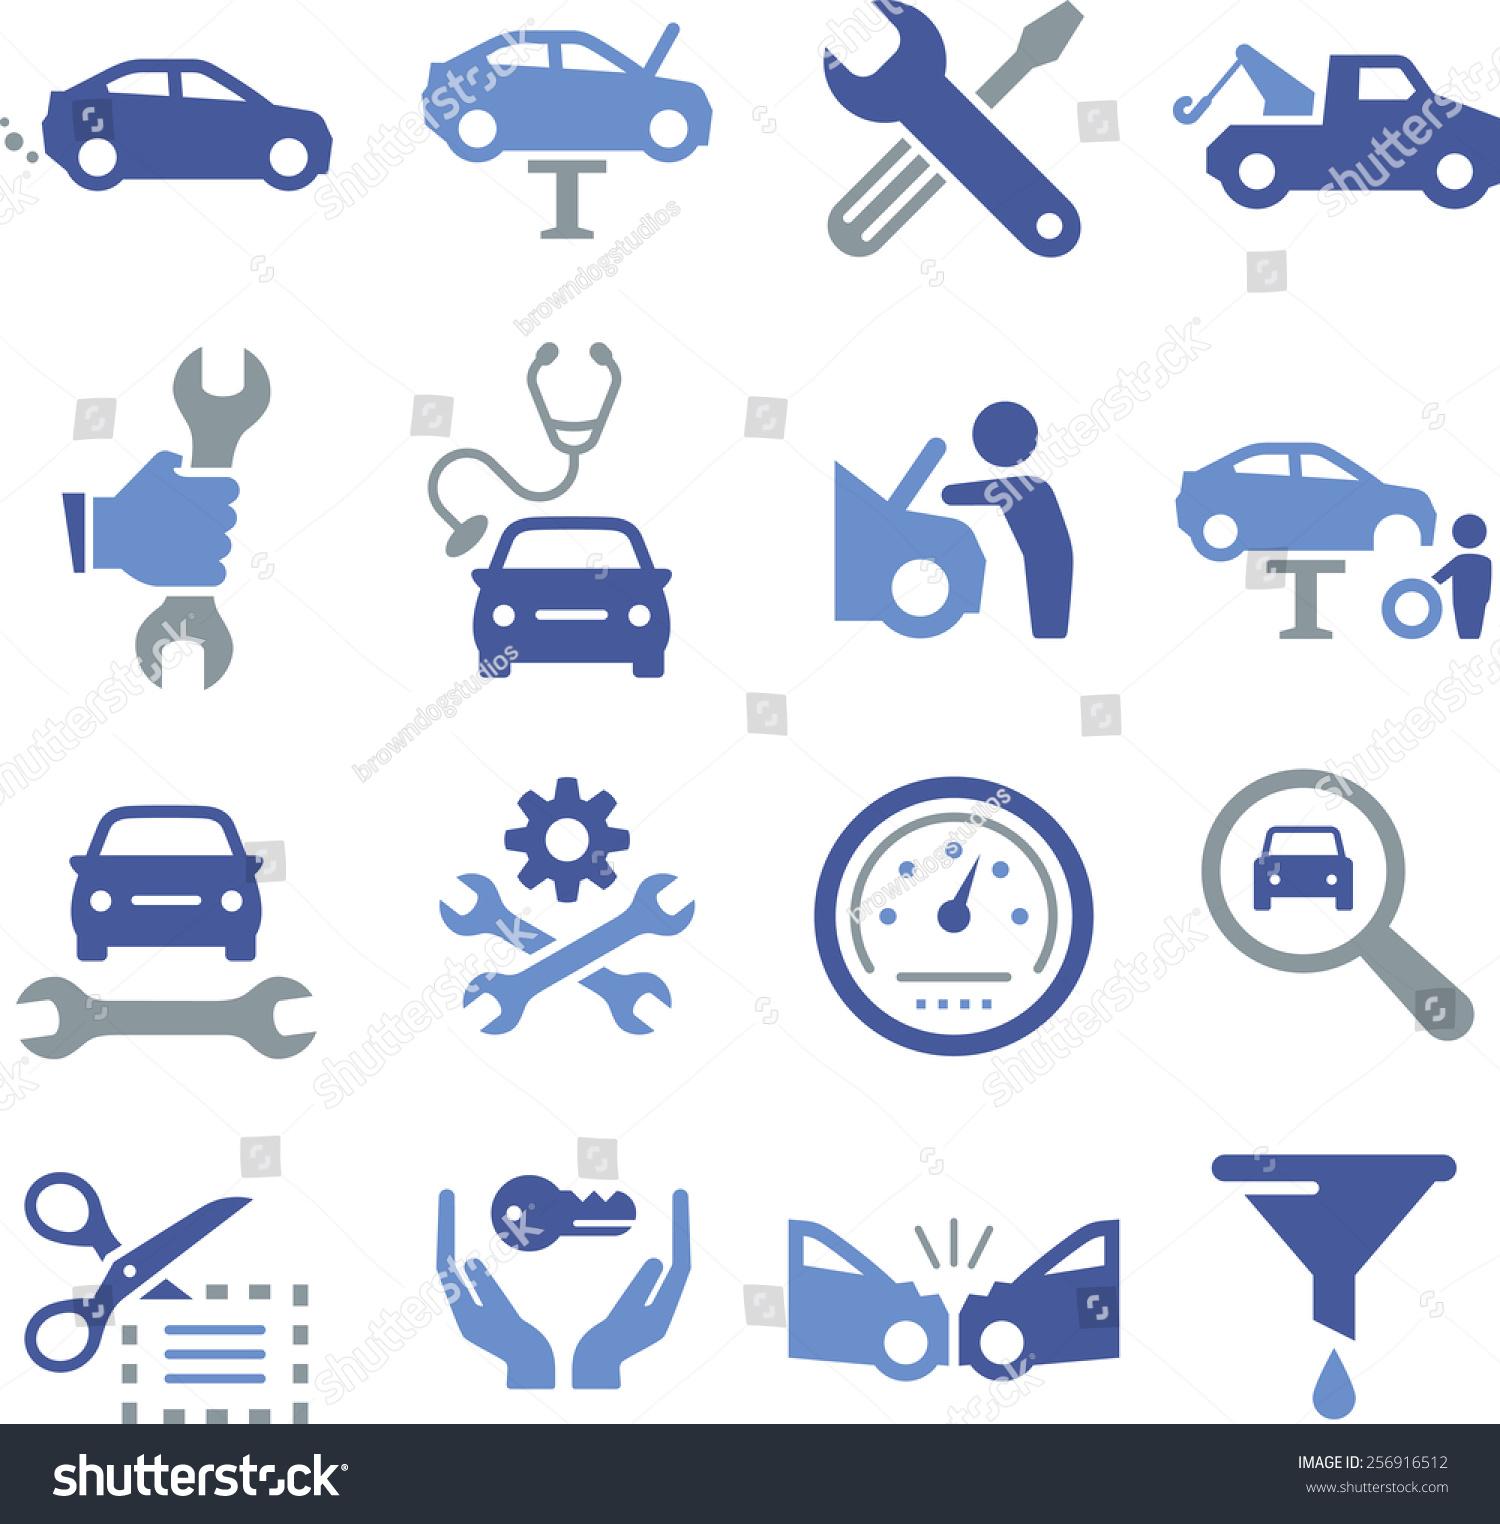 汽车修理图标.